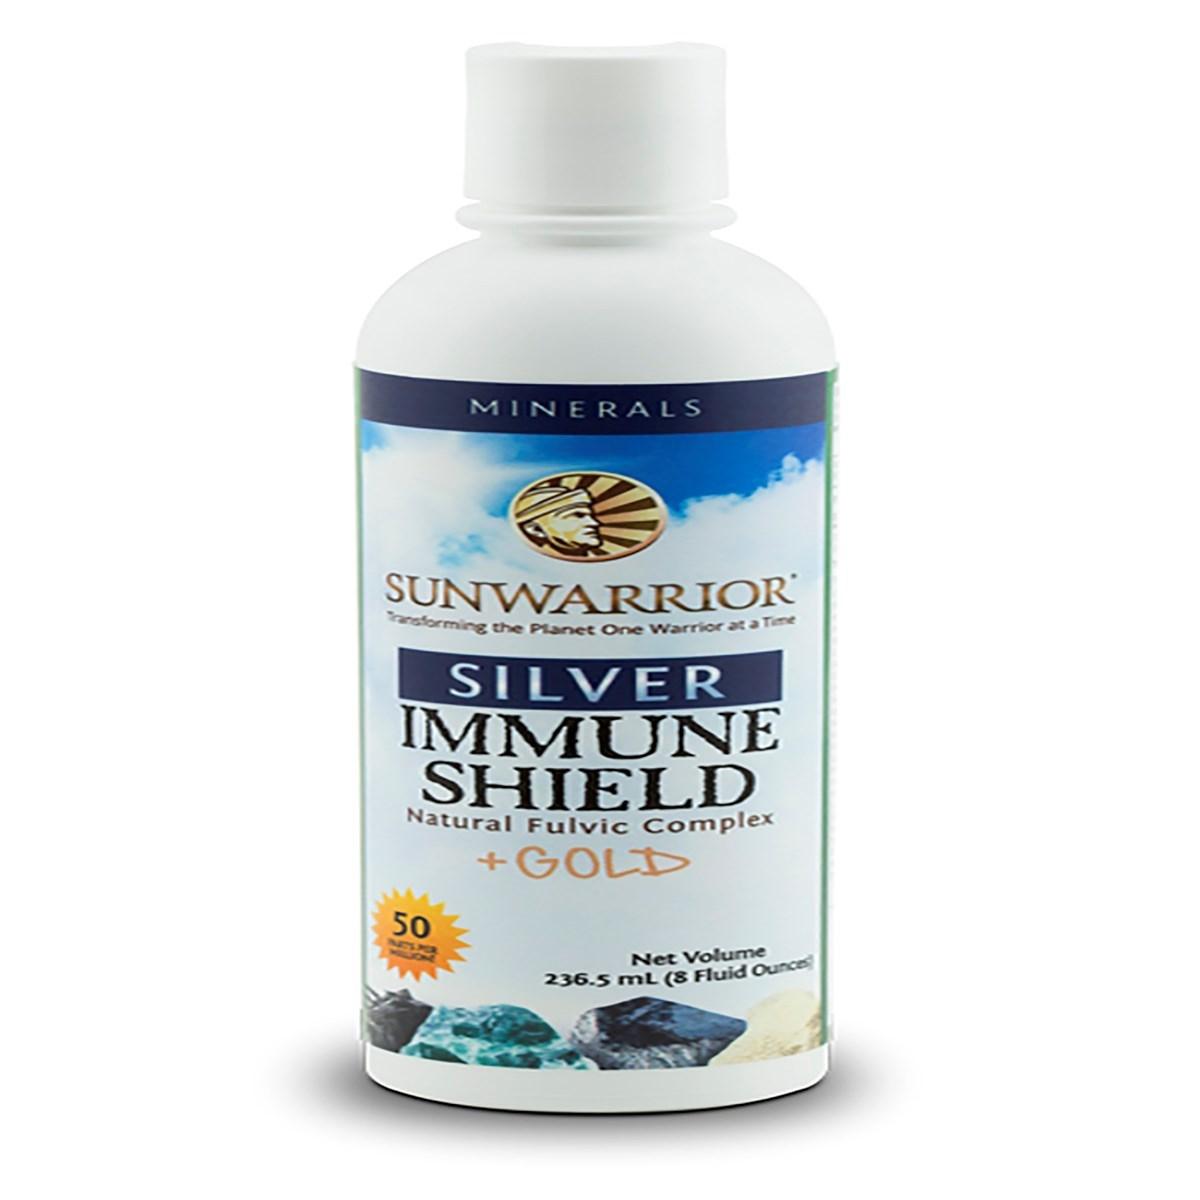 Sunwarrior Immune Shield 236ml